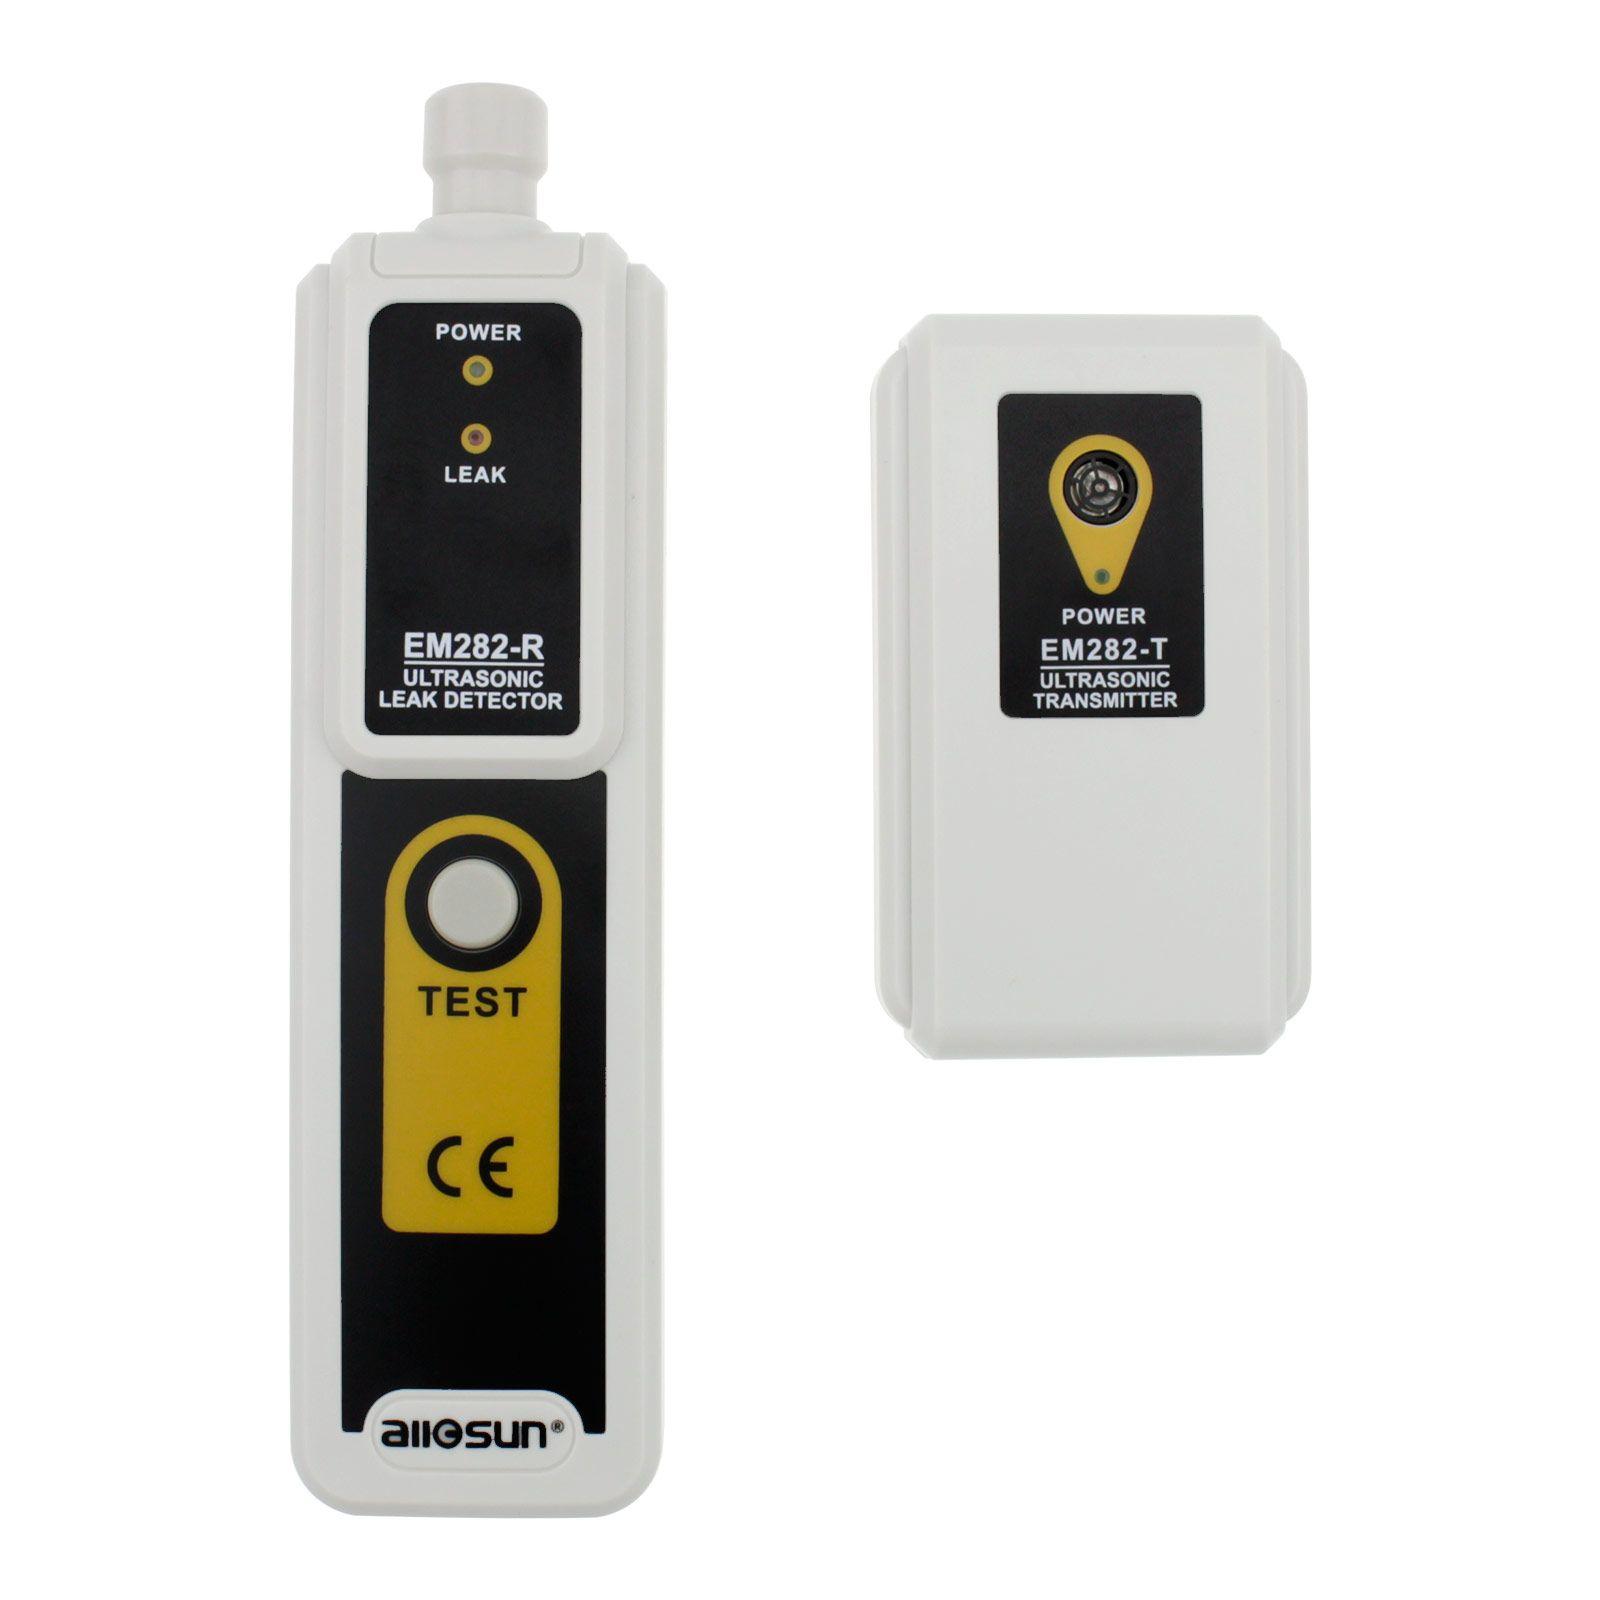 LED 표시 모든-일 모델 EM282와 헤드폰 휴대용 도구와 초음파 누설 감지기 송신기 대기 수질 먼지 누출 압력